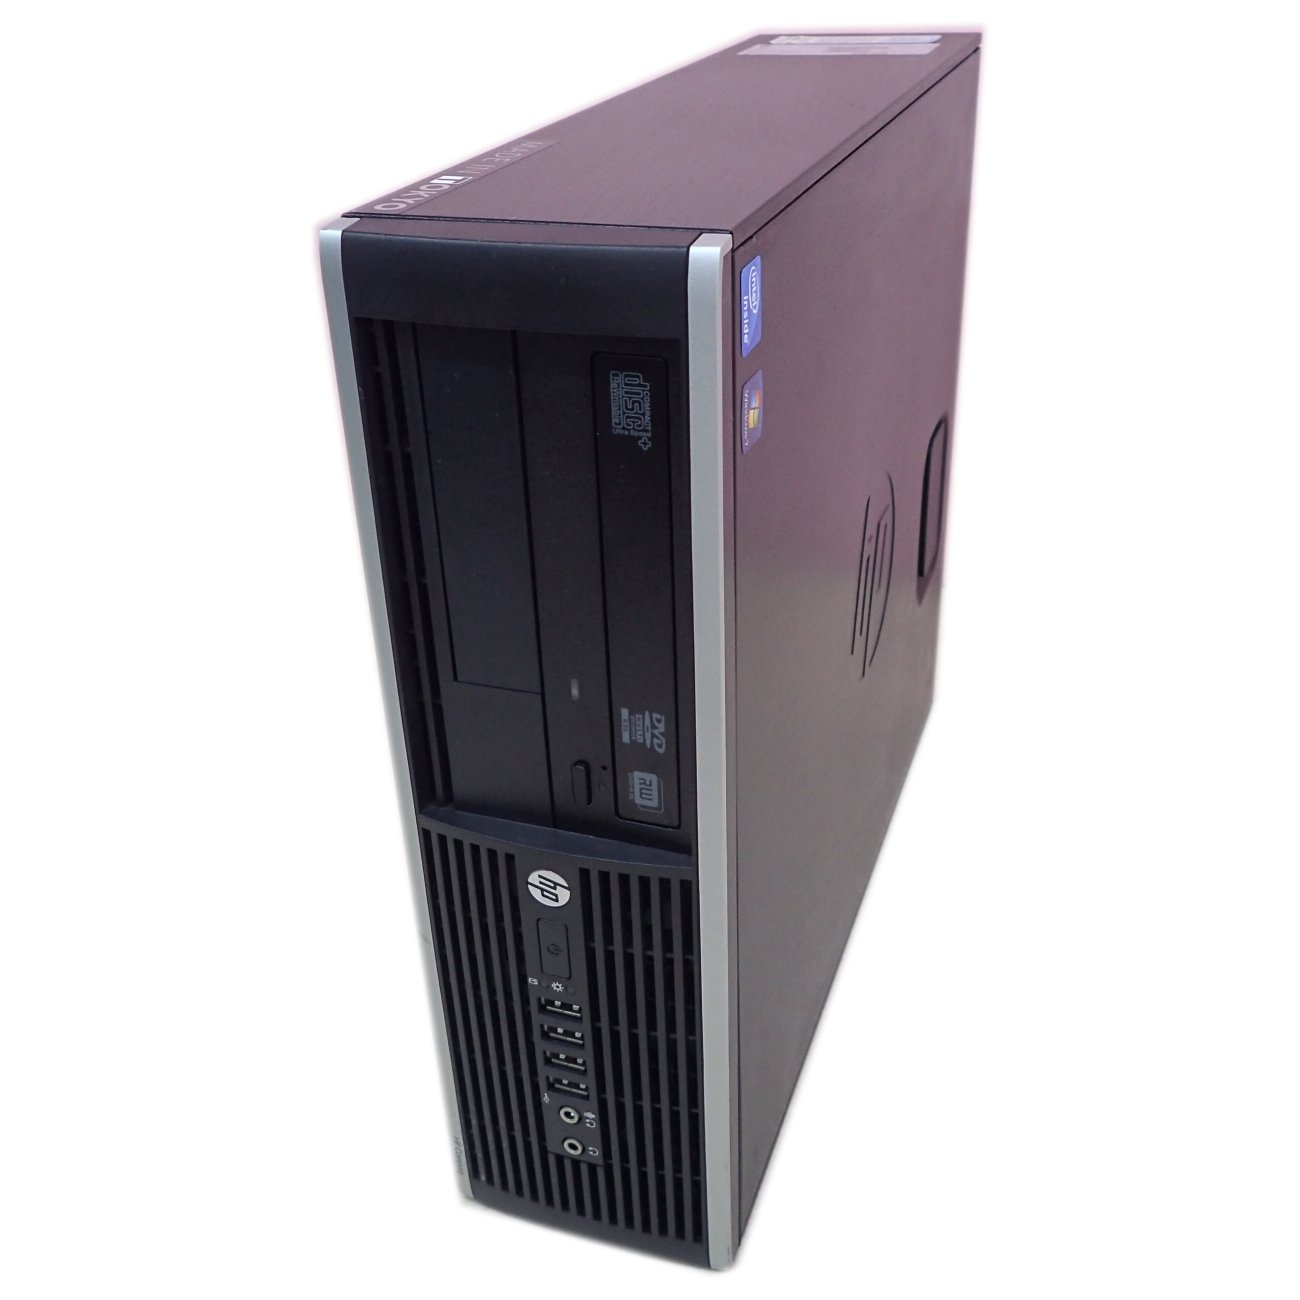 低価格で大人気の HP Compaq Pro 6300 デスクトップ SF 6300/ Windows7 Professional Pro デスクトップ 中古パソコン USB3.0搭載 OSインストール済 B01AJZ1AL8, ホビー&雑貨のお店 スターゲート:72b98695 --- arbimovel.dominiotemporario.com